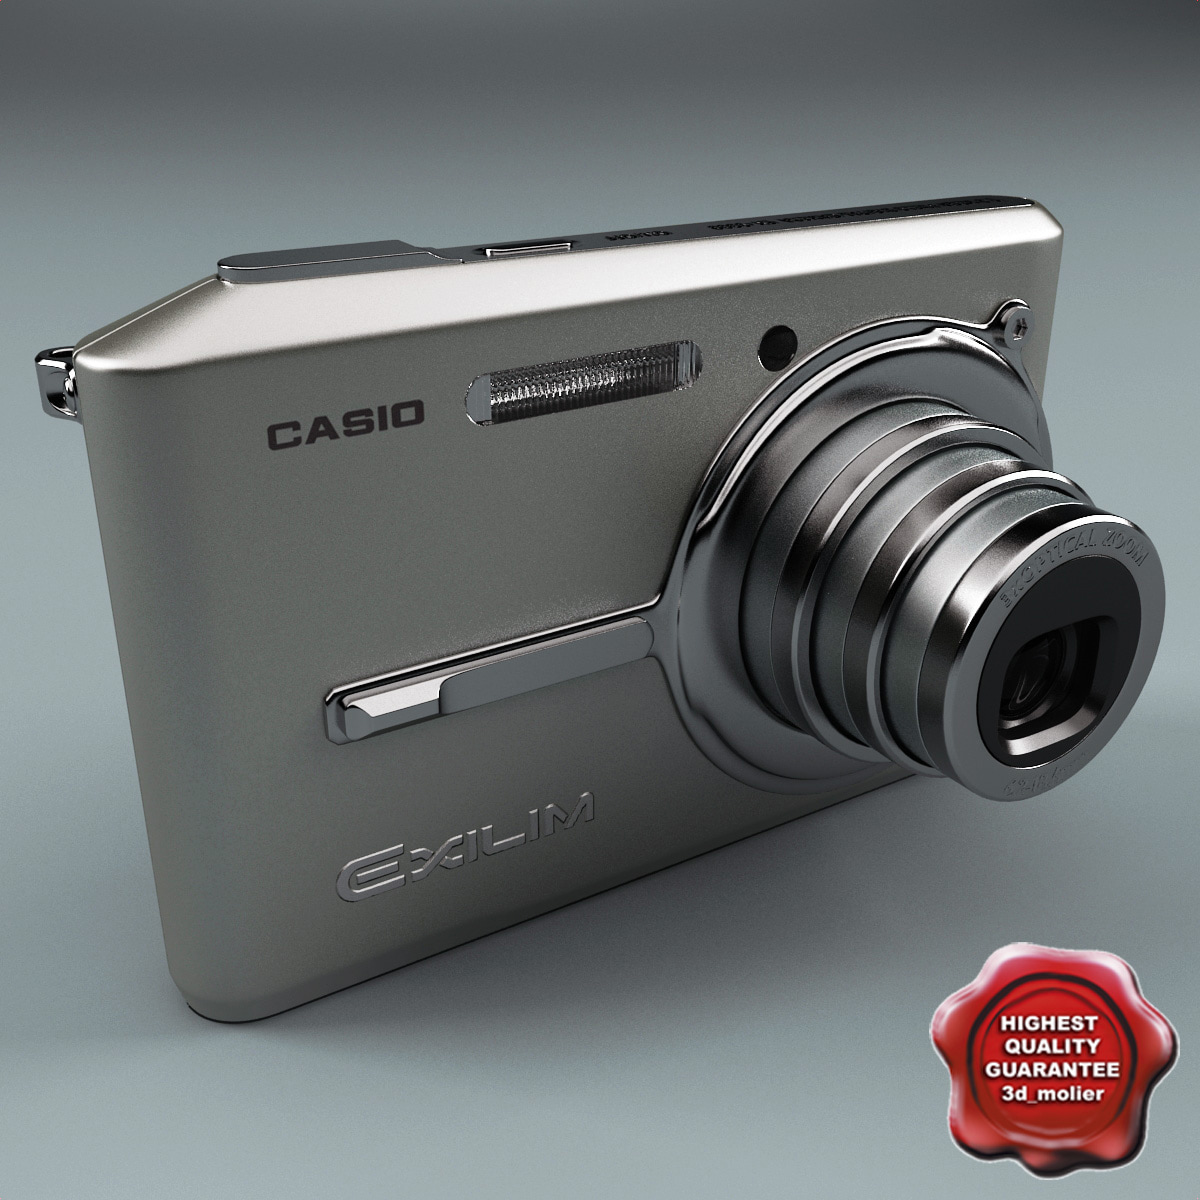 digital camera casio s600 3d model